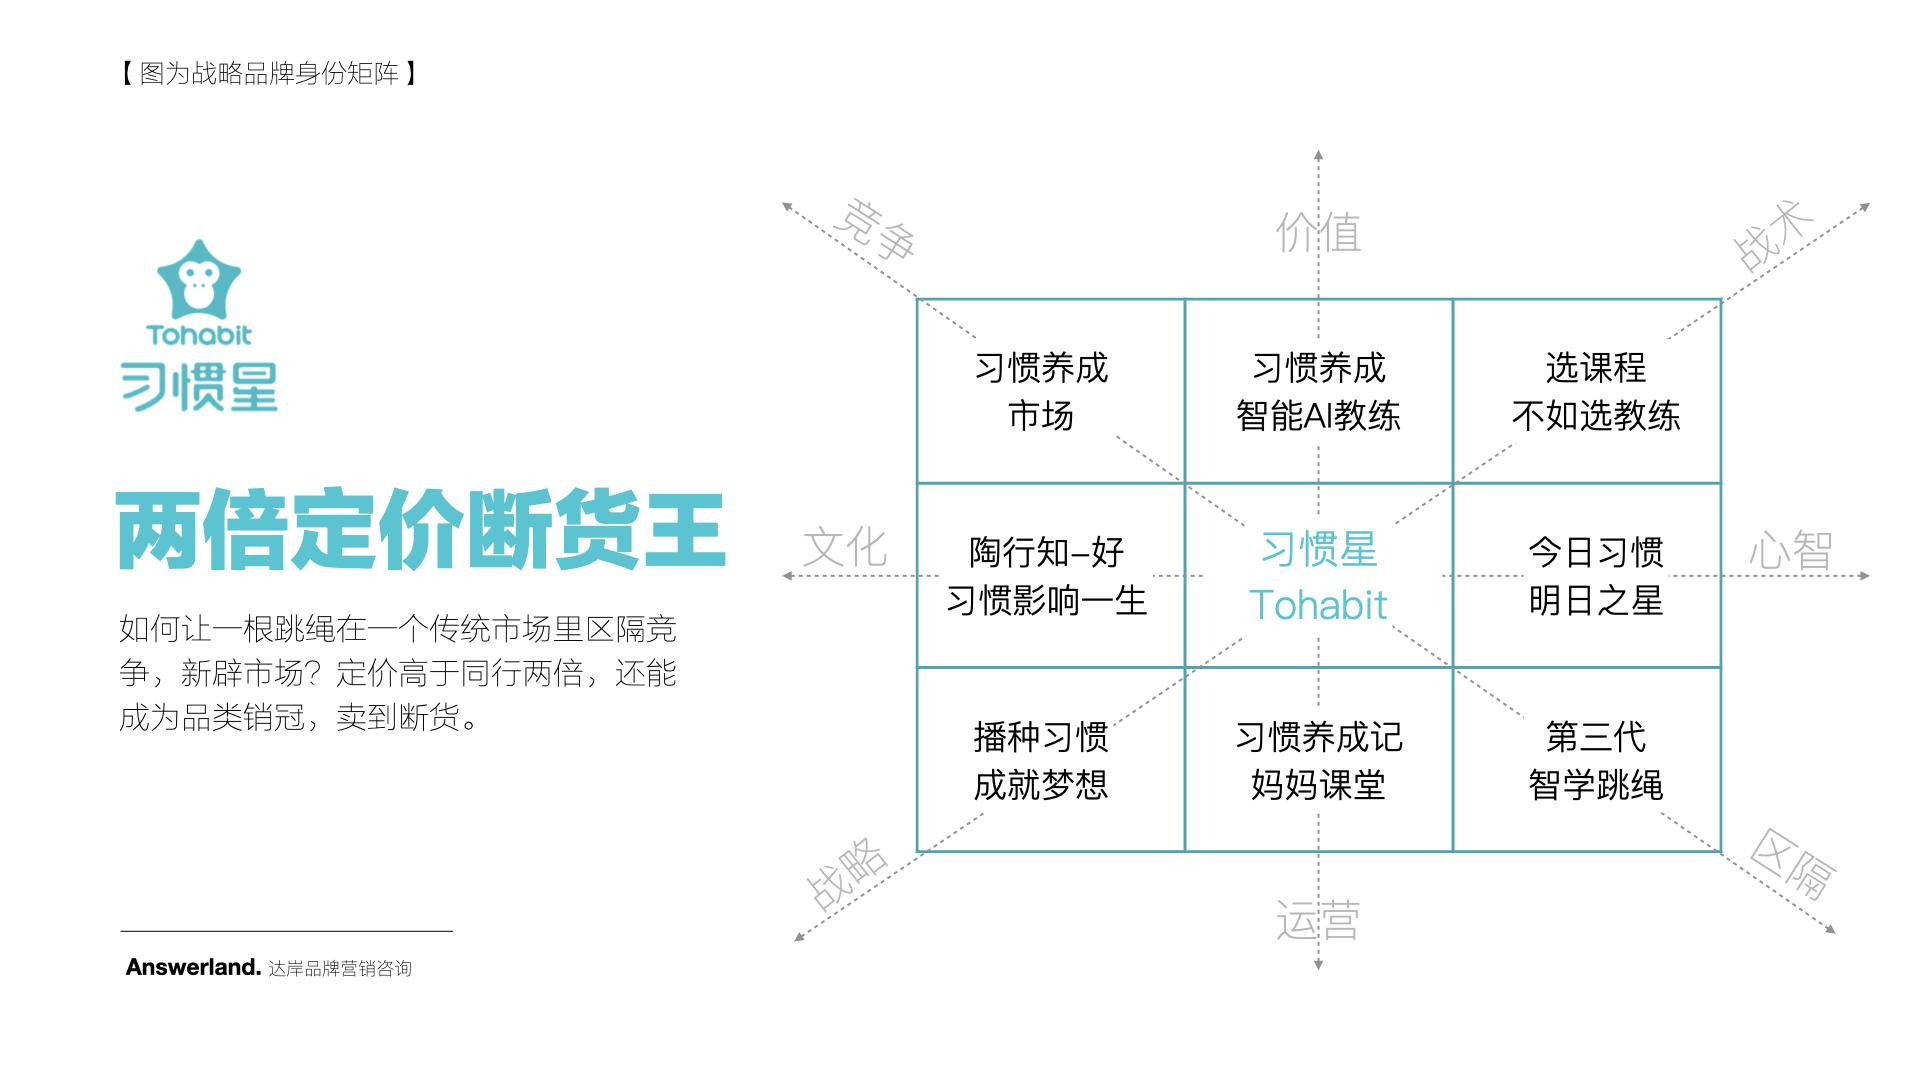 【公司-企业介绍】达岸品牌营销20200526.006